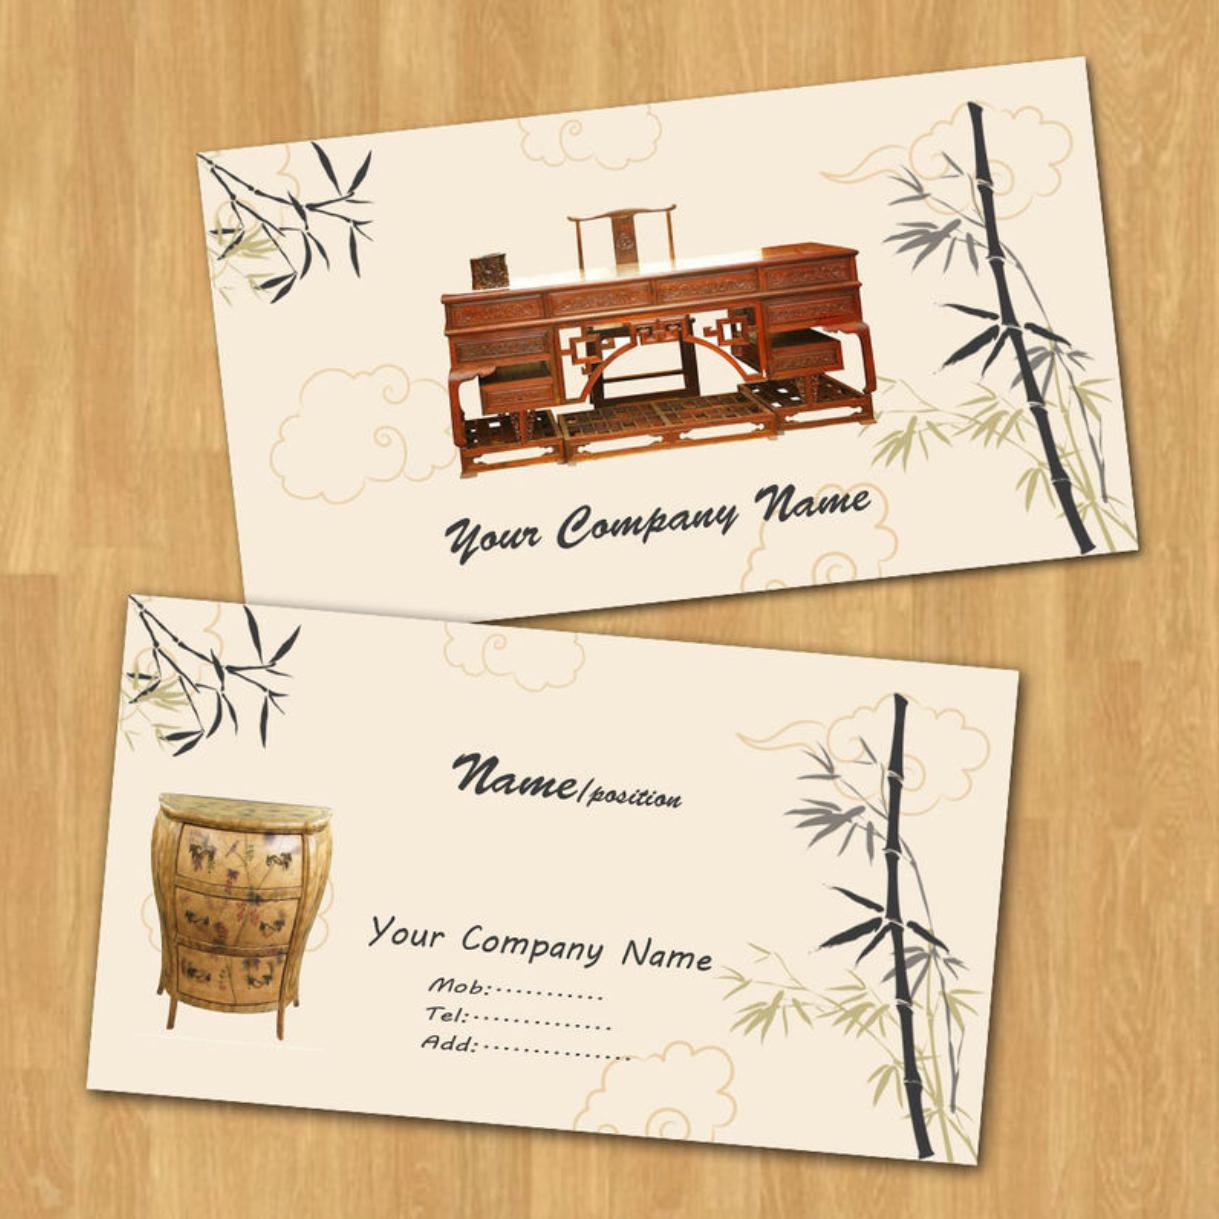 创意社交名片设计参考 有哪些关于家具的名片